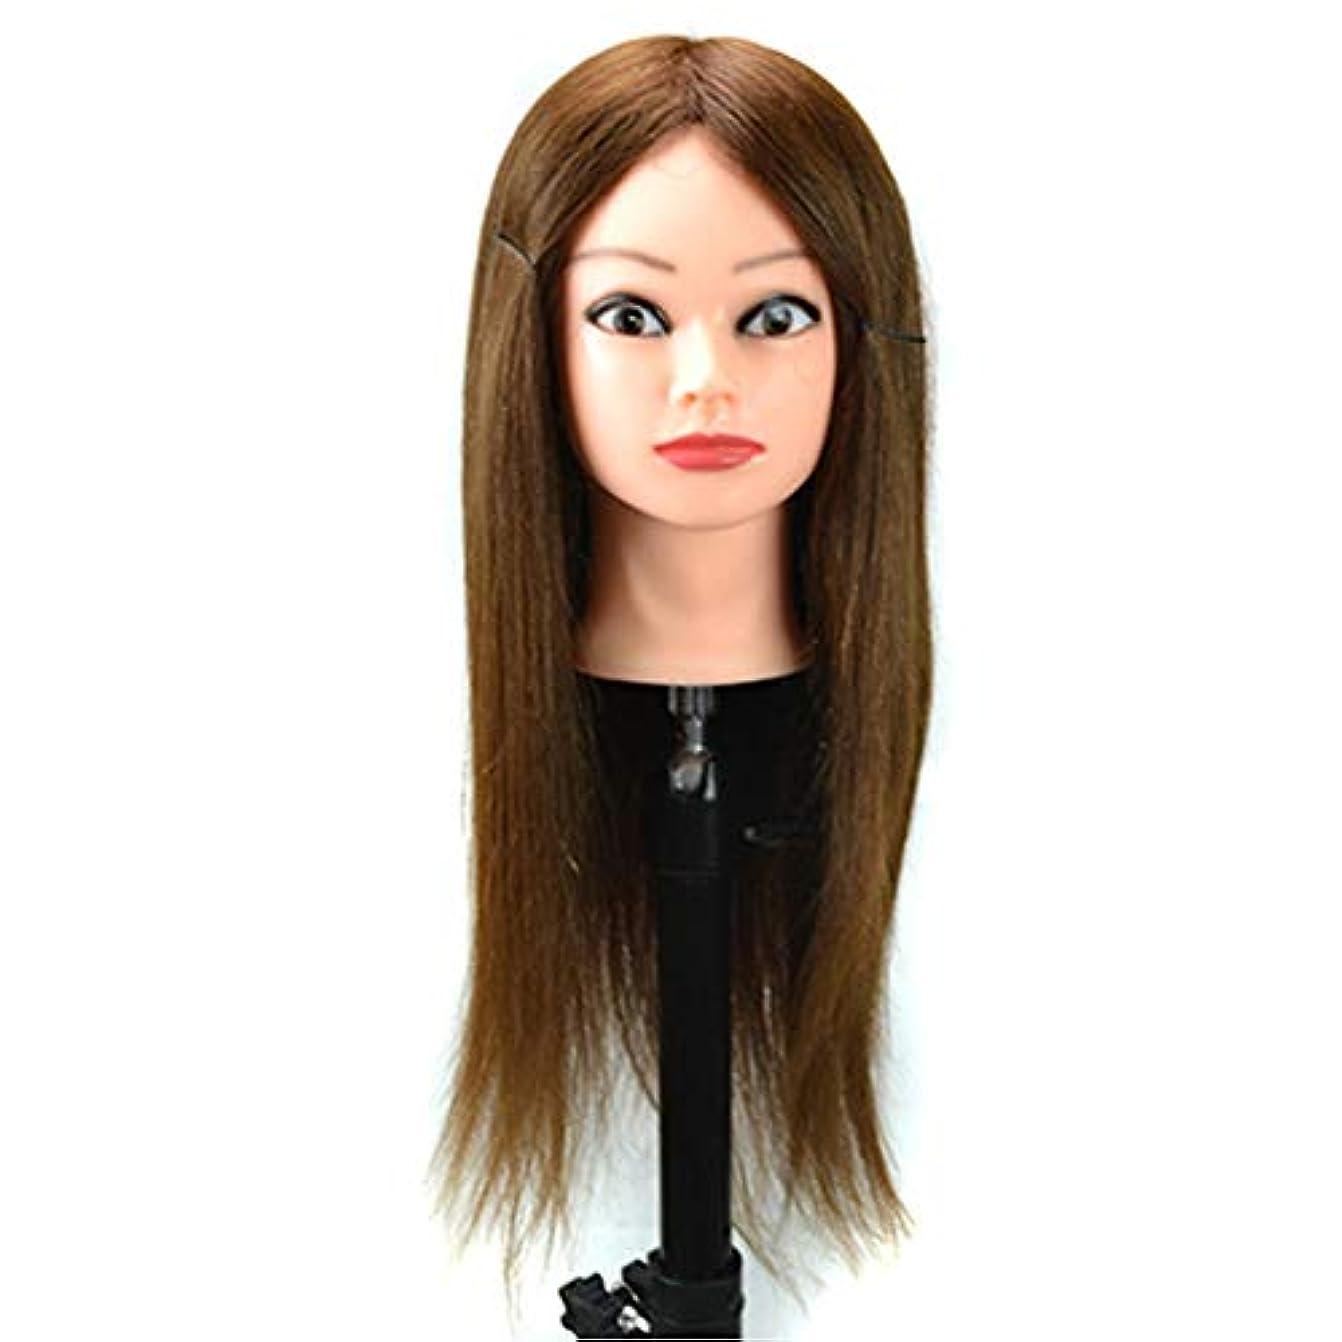 人柄社交的うるさい完全な毛は小さいブラケットが付いている熱いロールマネキンの頭部のヘアーサロンのトリミングの頭部の花嫁の形の毛の訓練の頭部である場合もあります,Brown